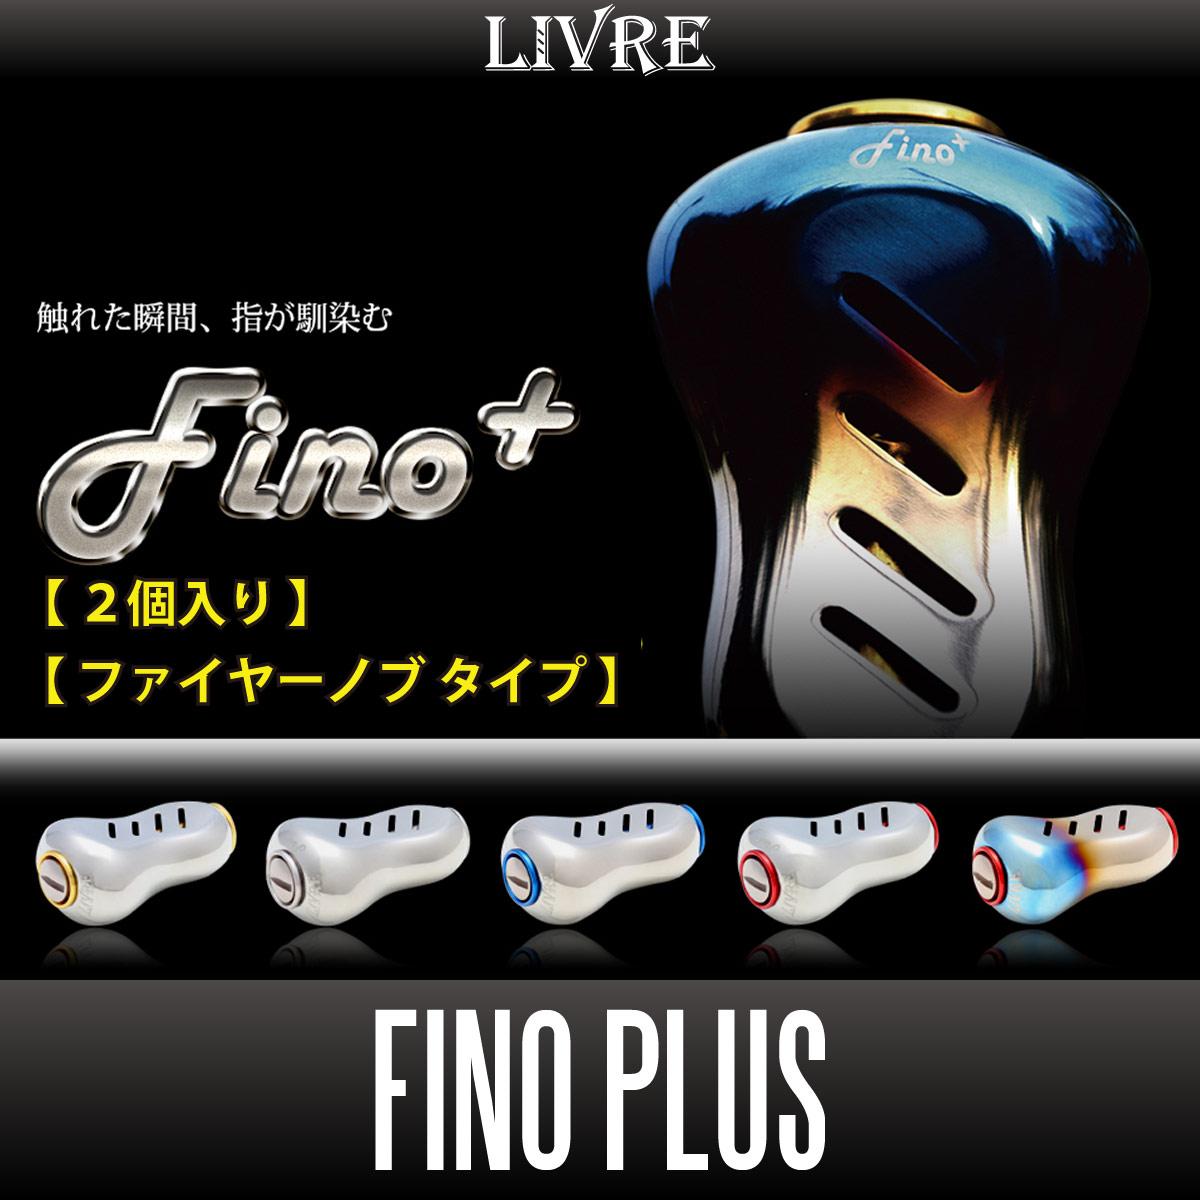 【リブレ/LIVRE】 Fino+(フィーノプラス) チタニウム ハンドルノブ 【ファイヤーノブタイプ:2個入り】 HKAL ※送料無料※